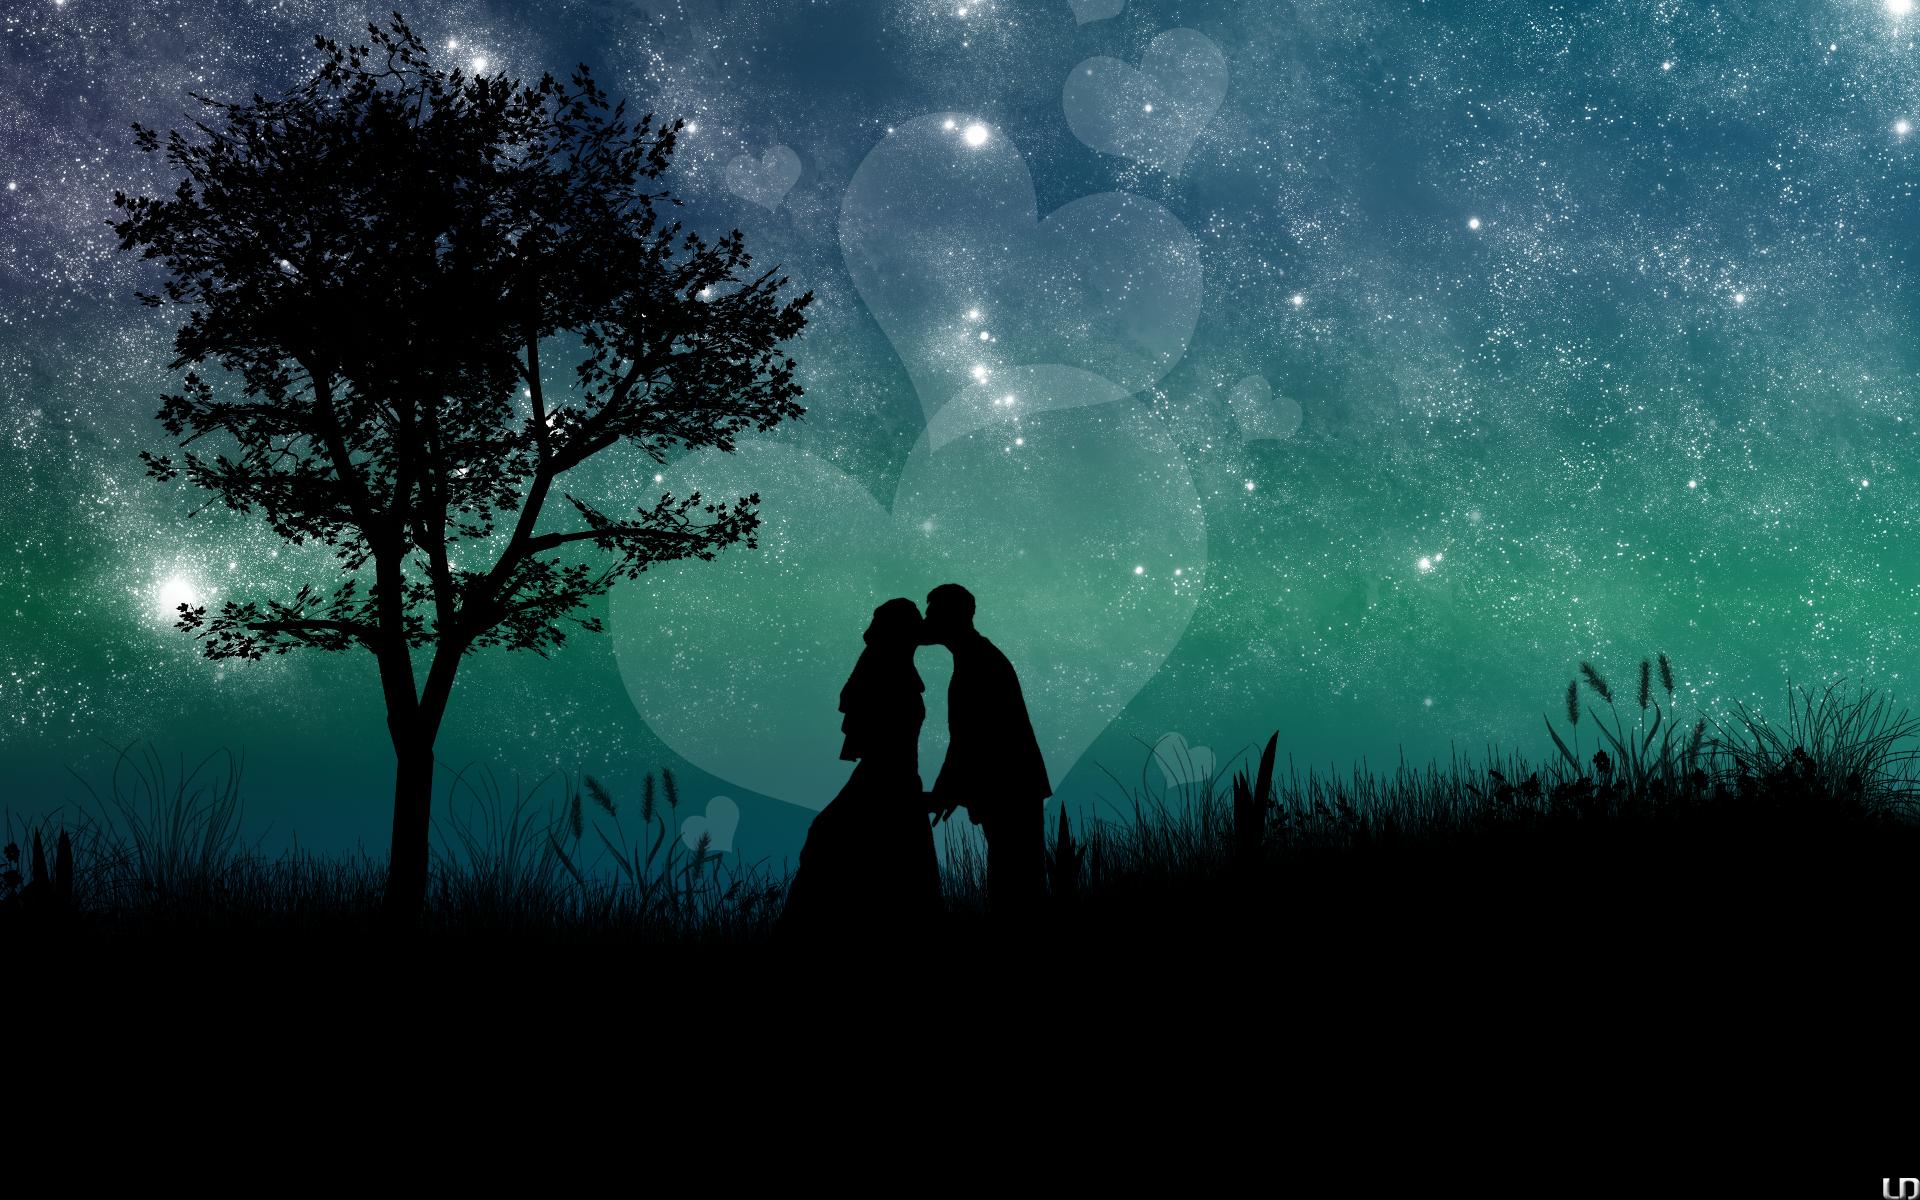 Картинках, романтичные картинки на ночь